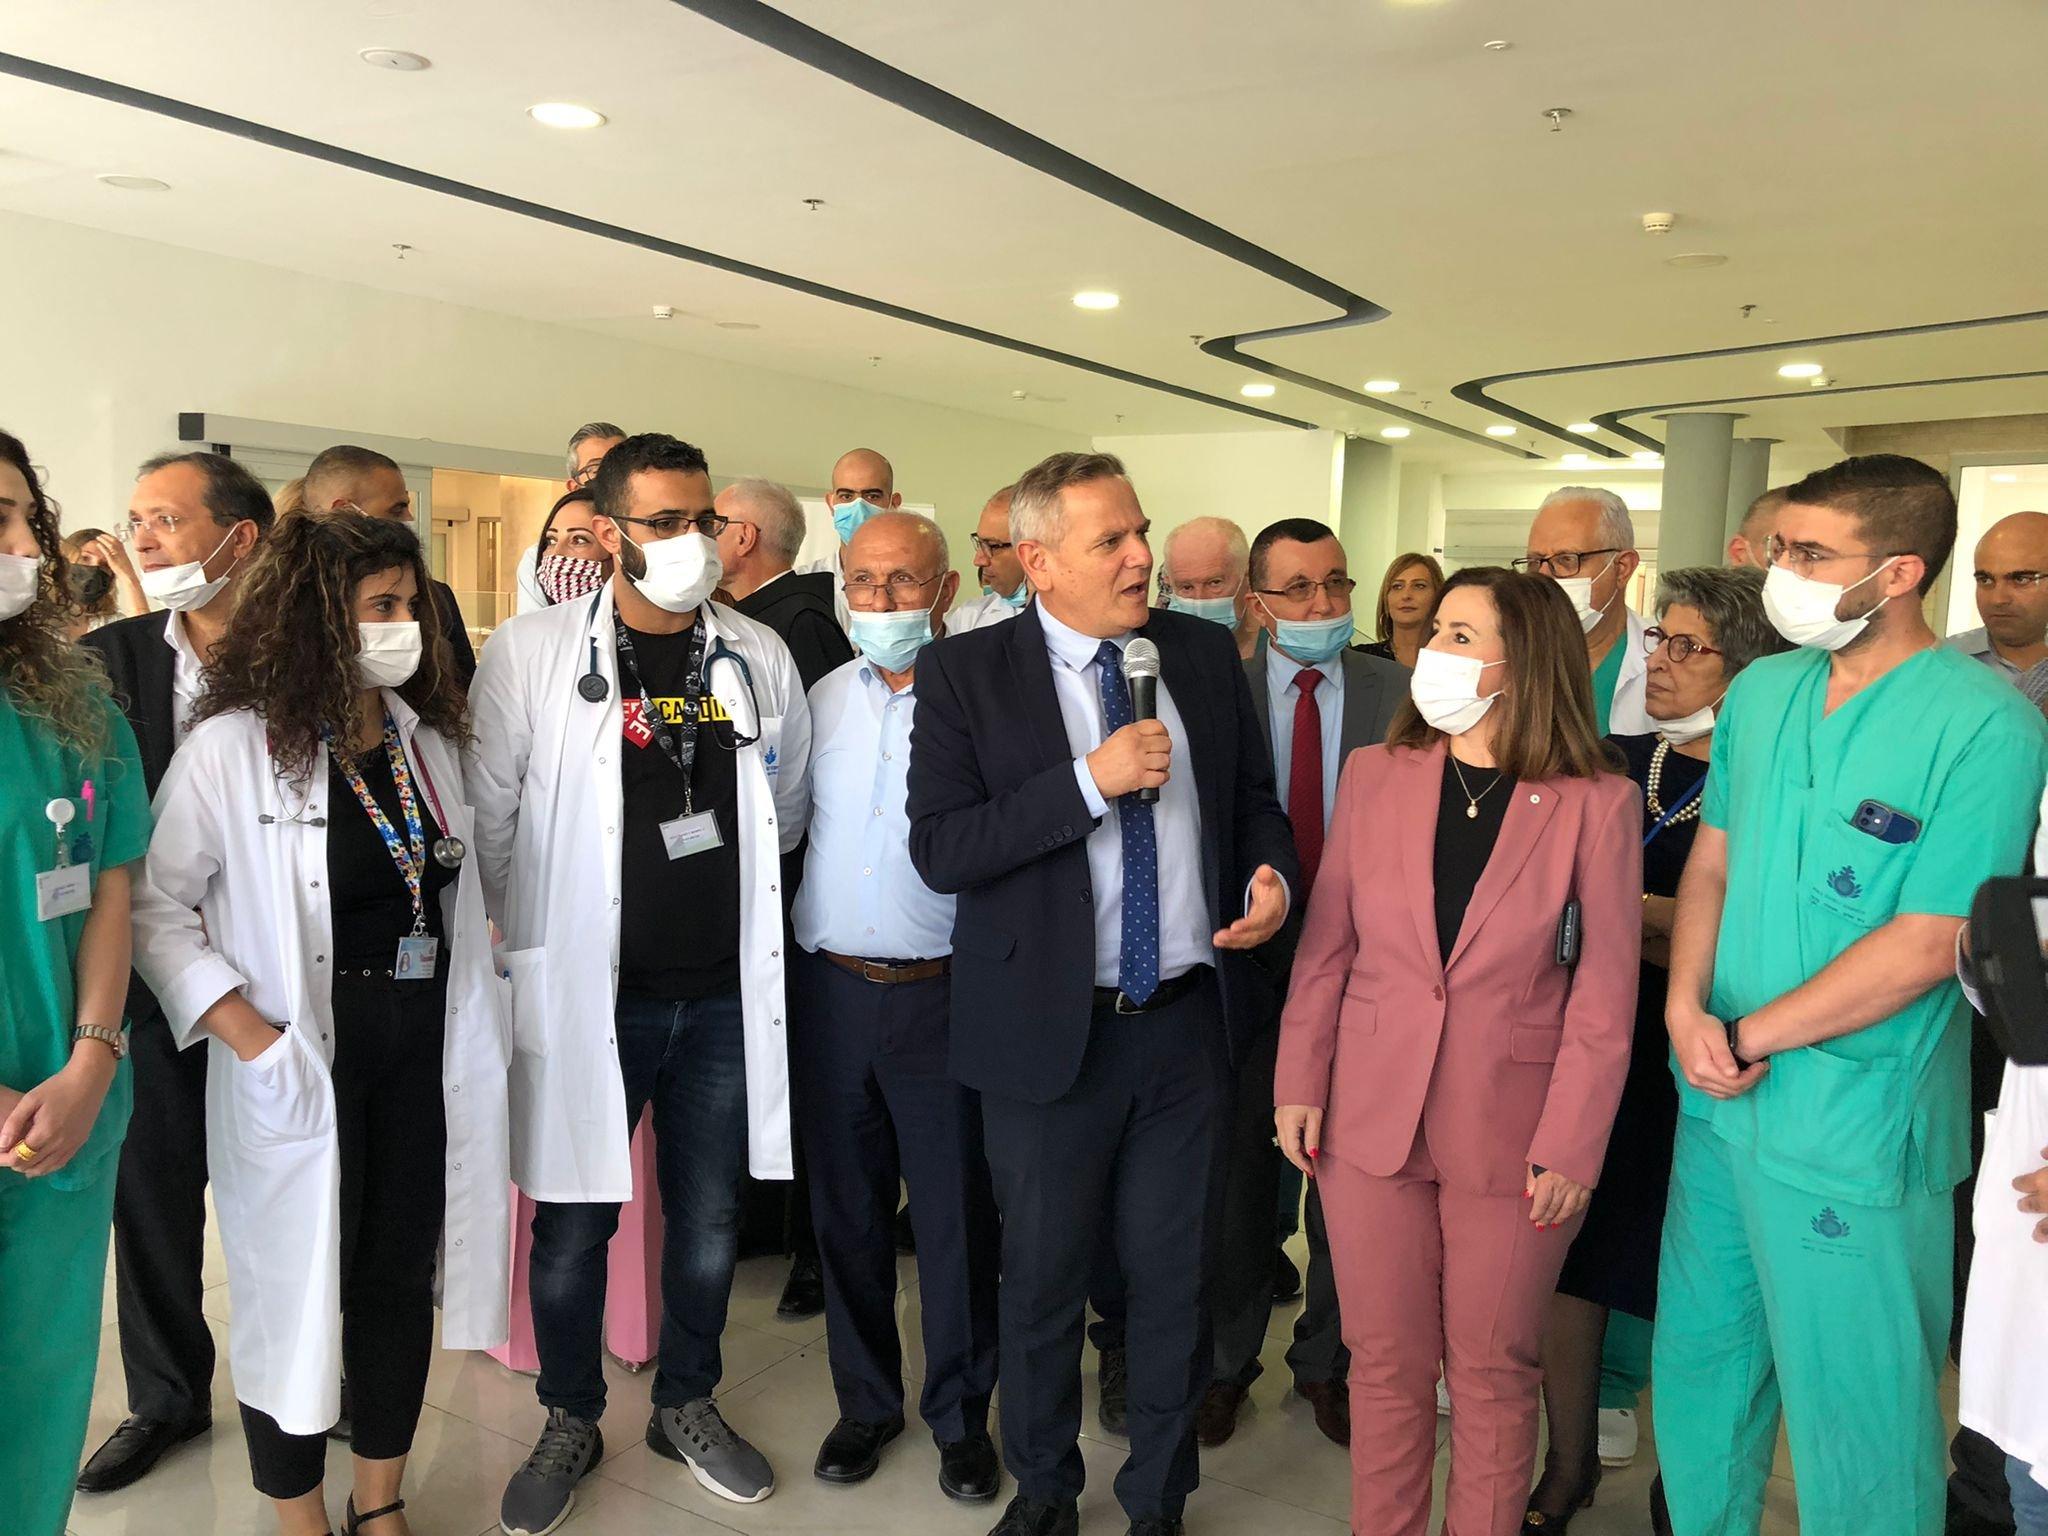 """وعد بدعم كبير لمستشفيات المدينة.. وزير الصحة في الناصرة يتحدث لـ""""بكرا""""، وهذا ما قاله عن """"الكنابيس""""-12"""